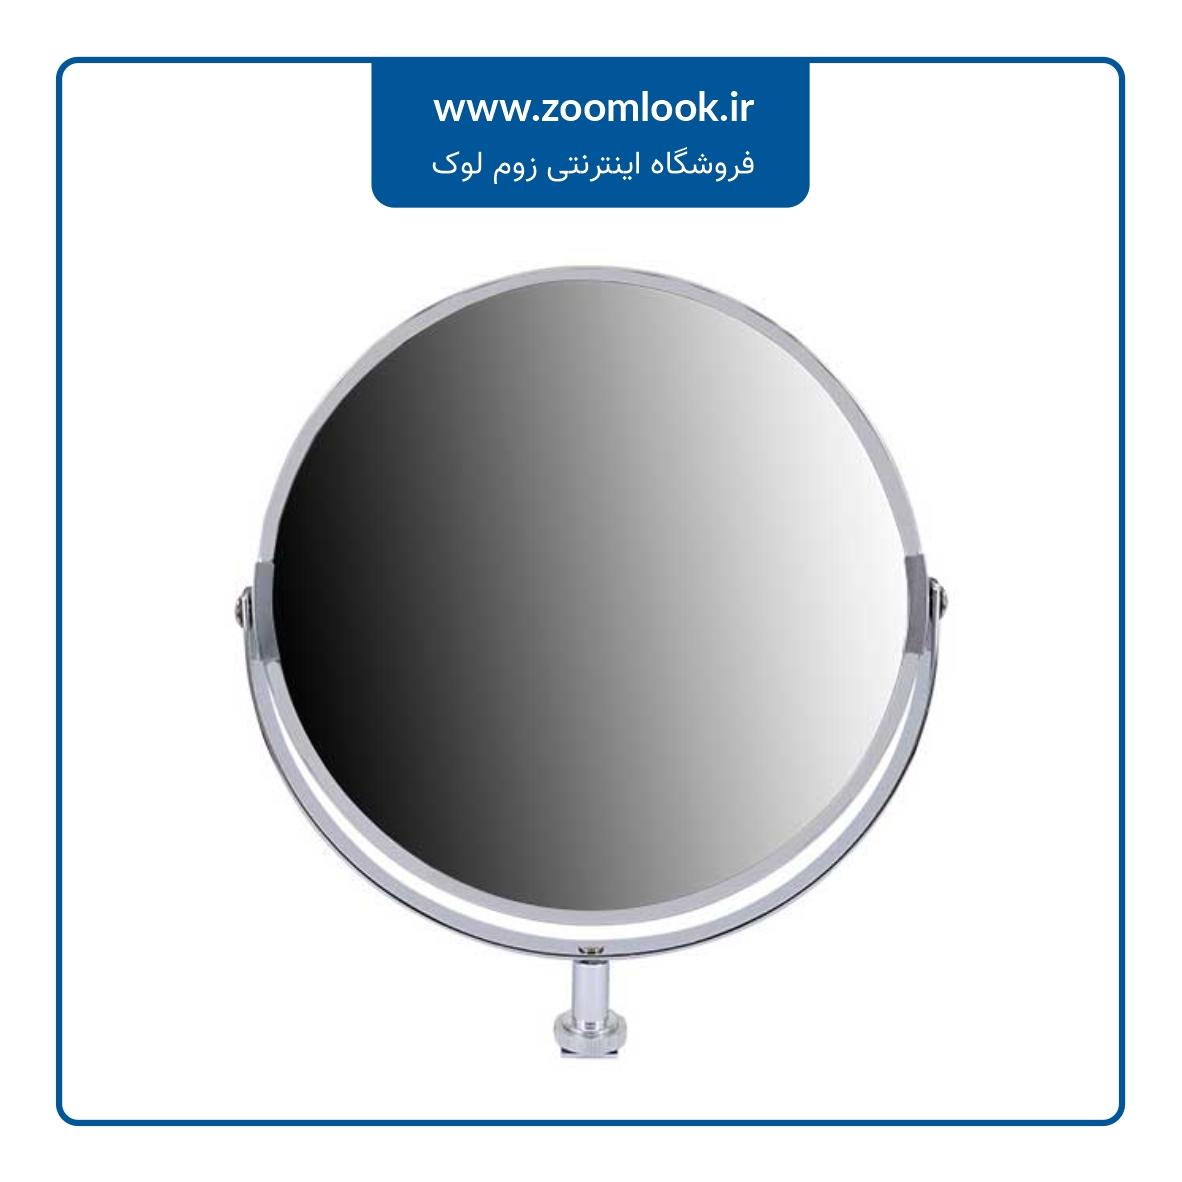 آینه اورجینال مخصوص رینگ لایت